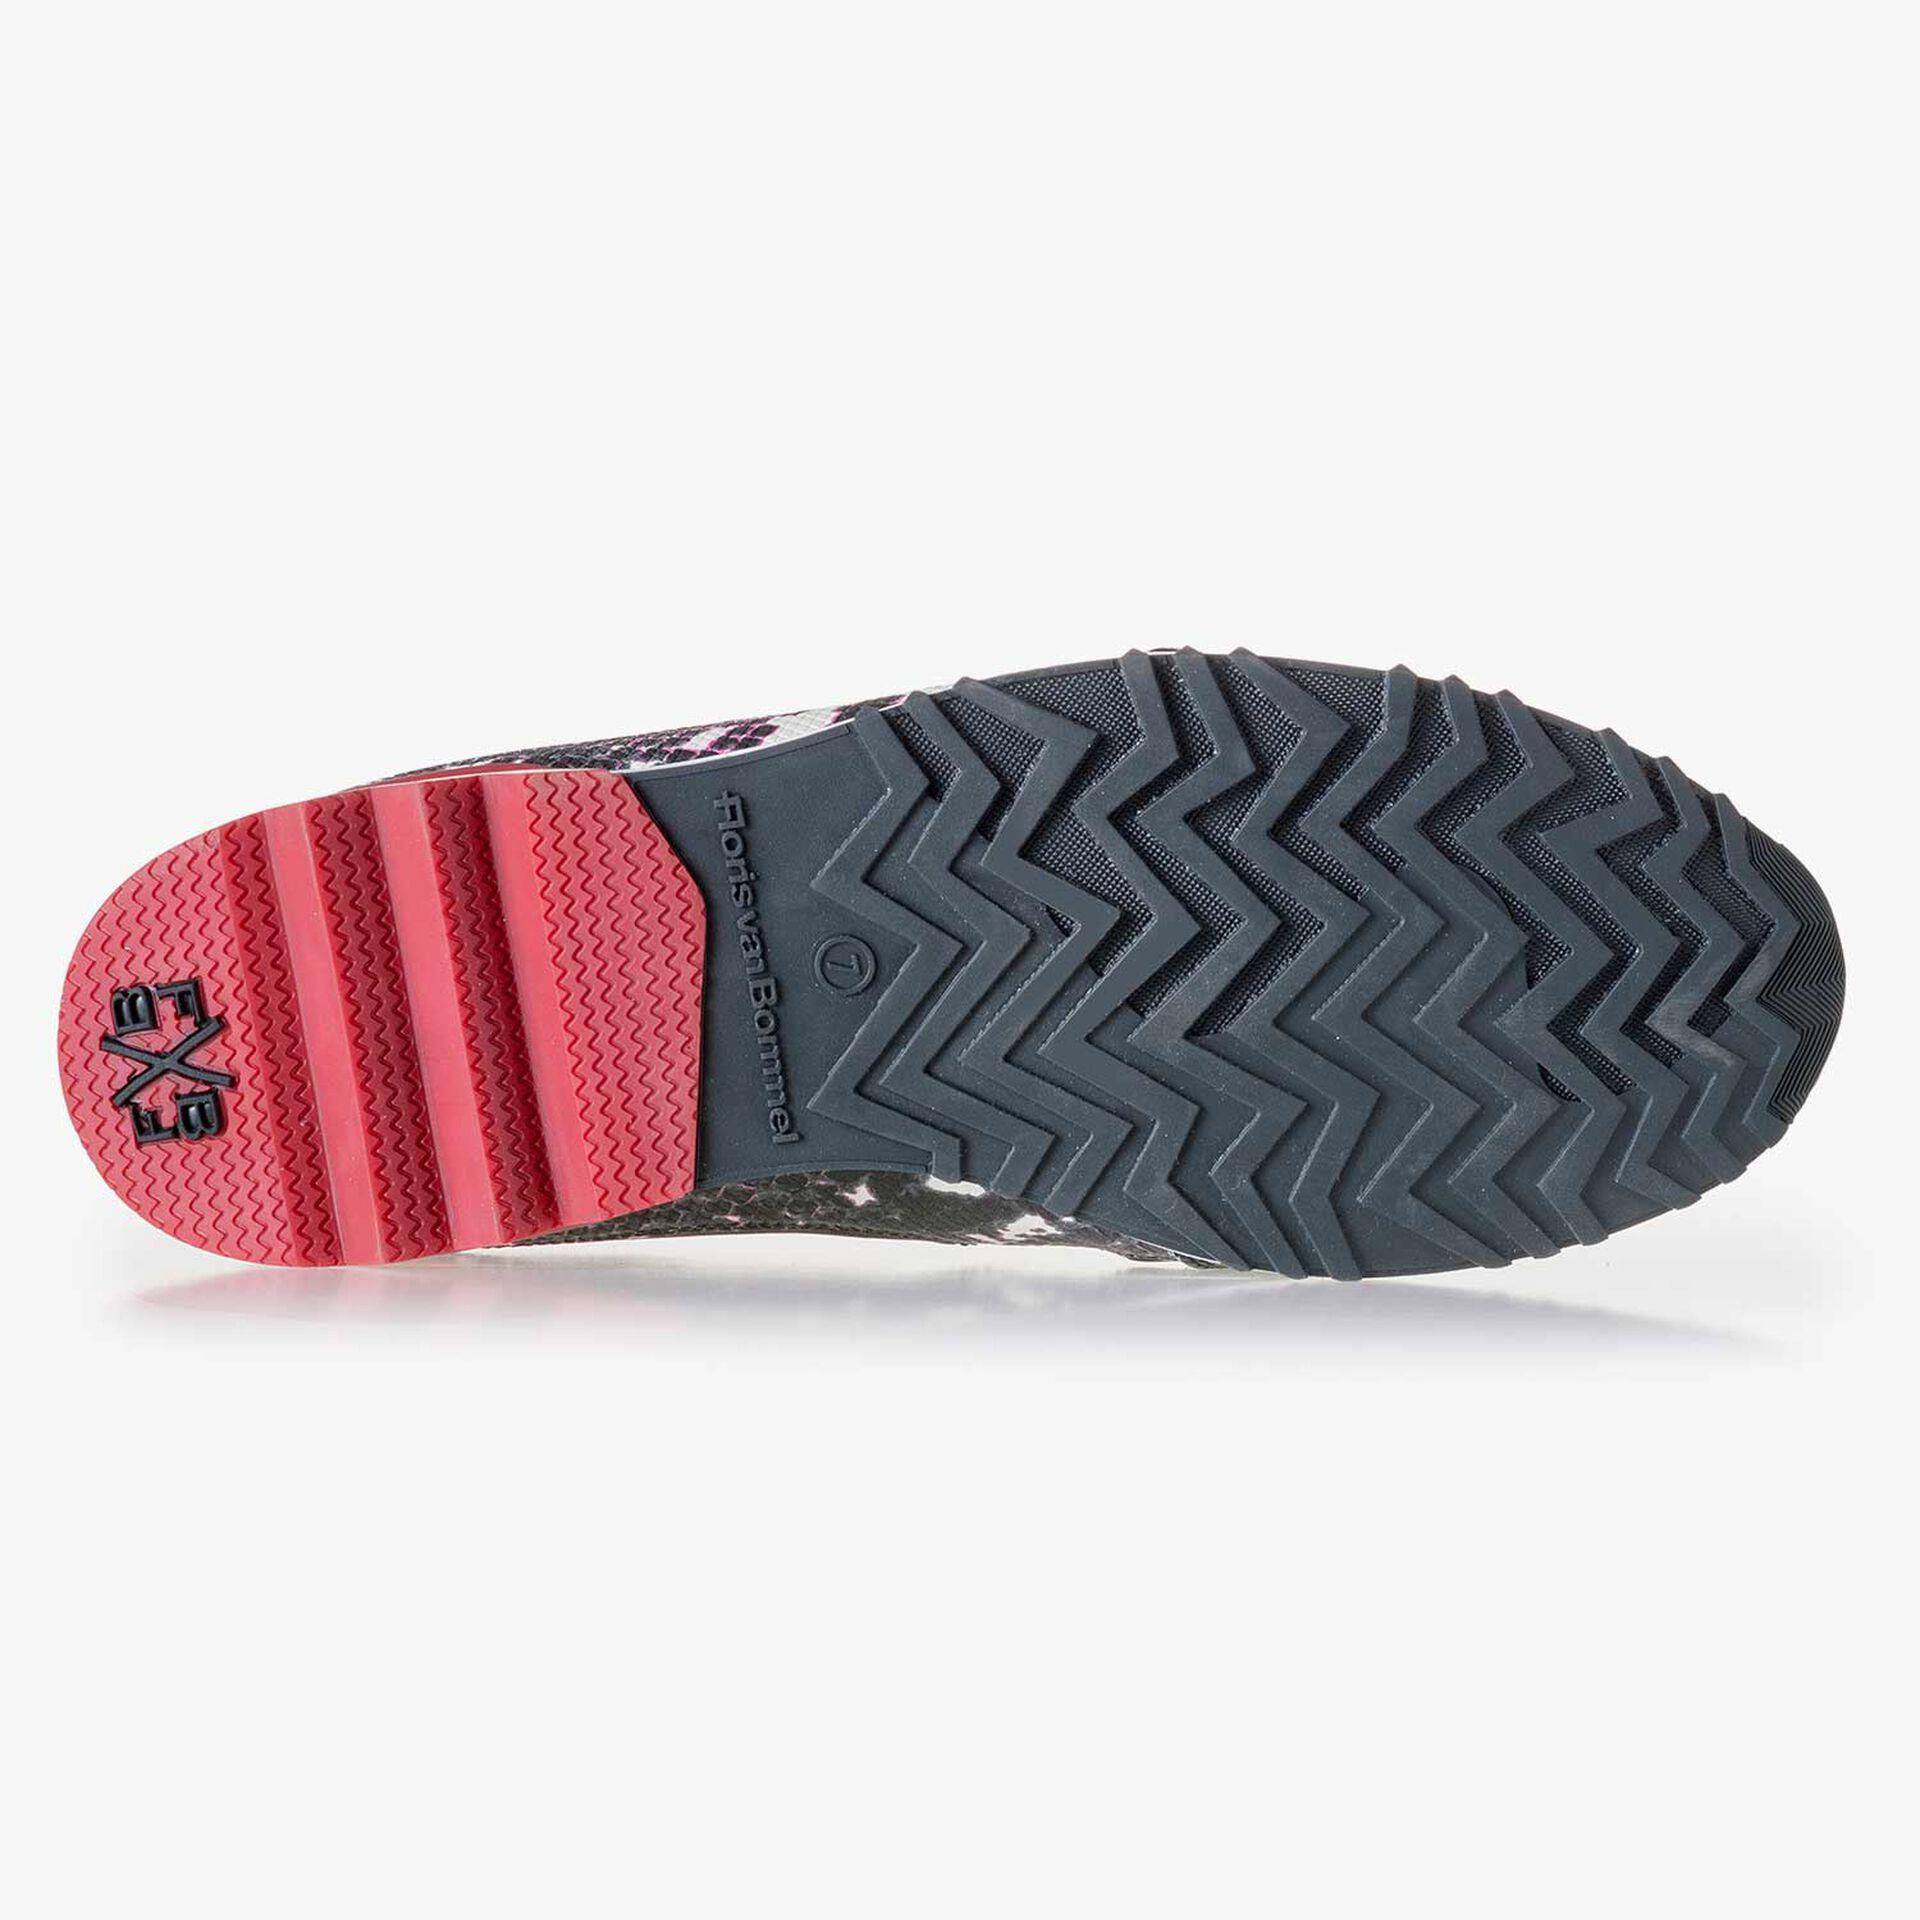 Weißer Leder Sneaker mit schwarzem Schlangenprint